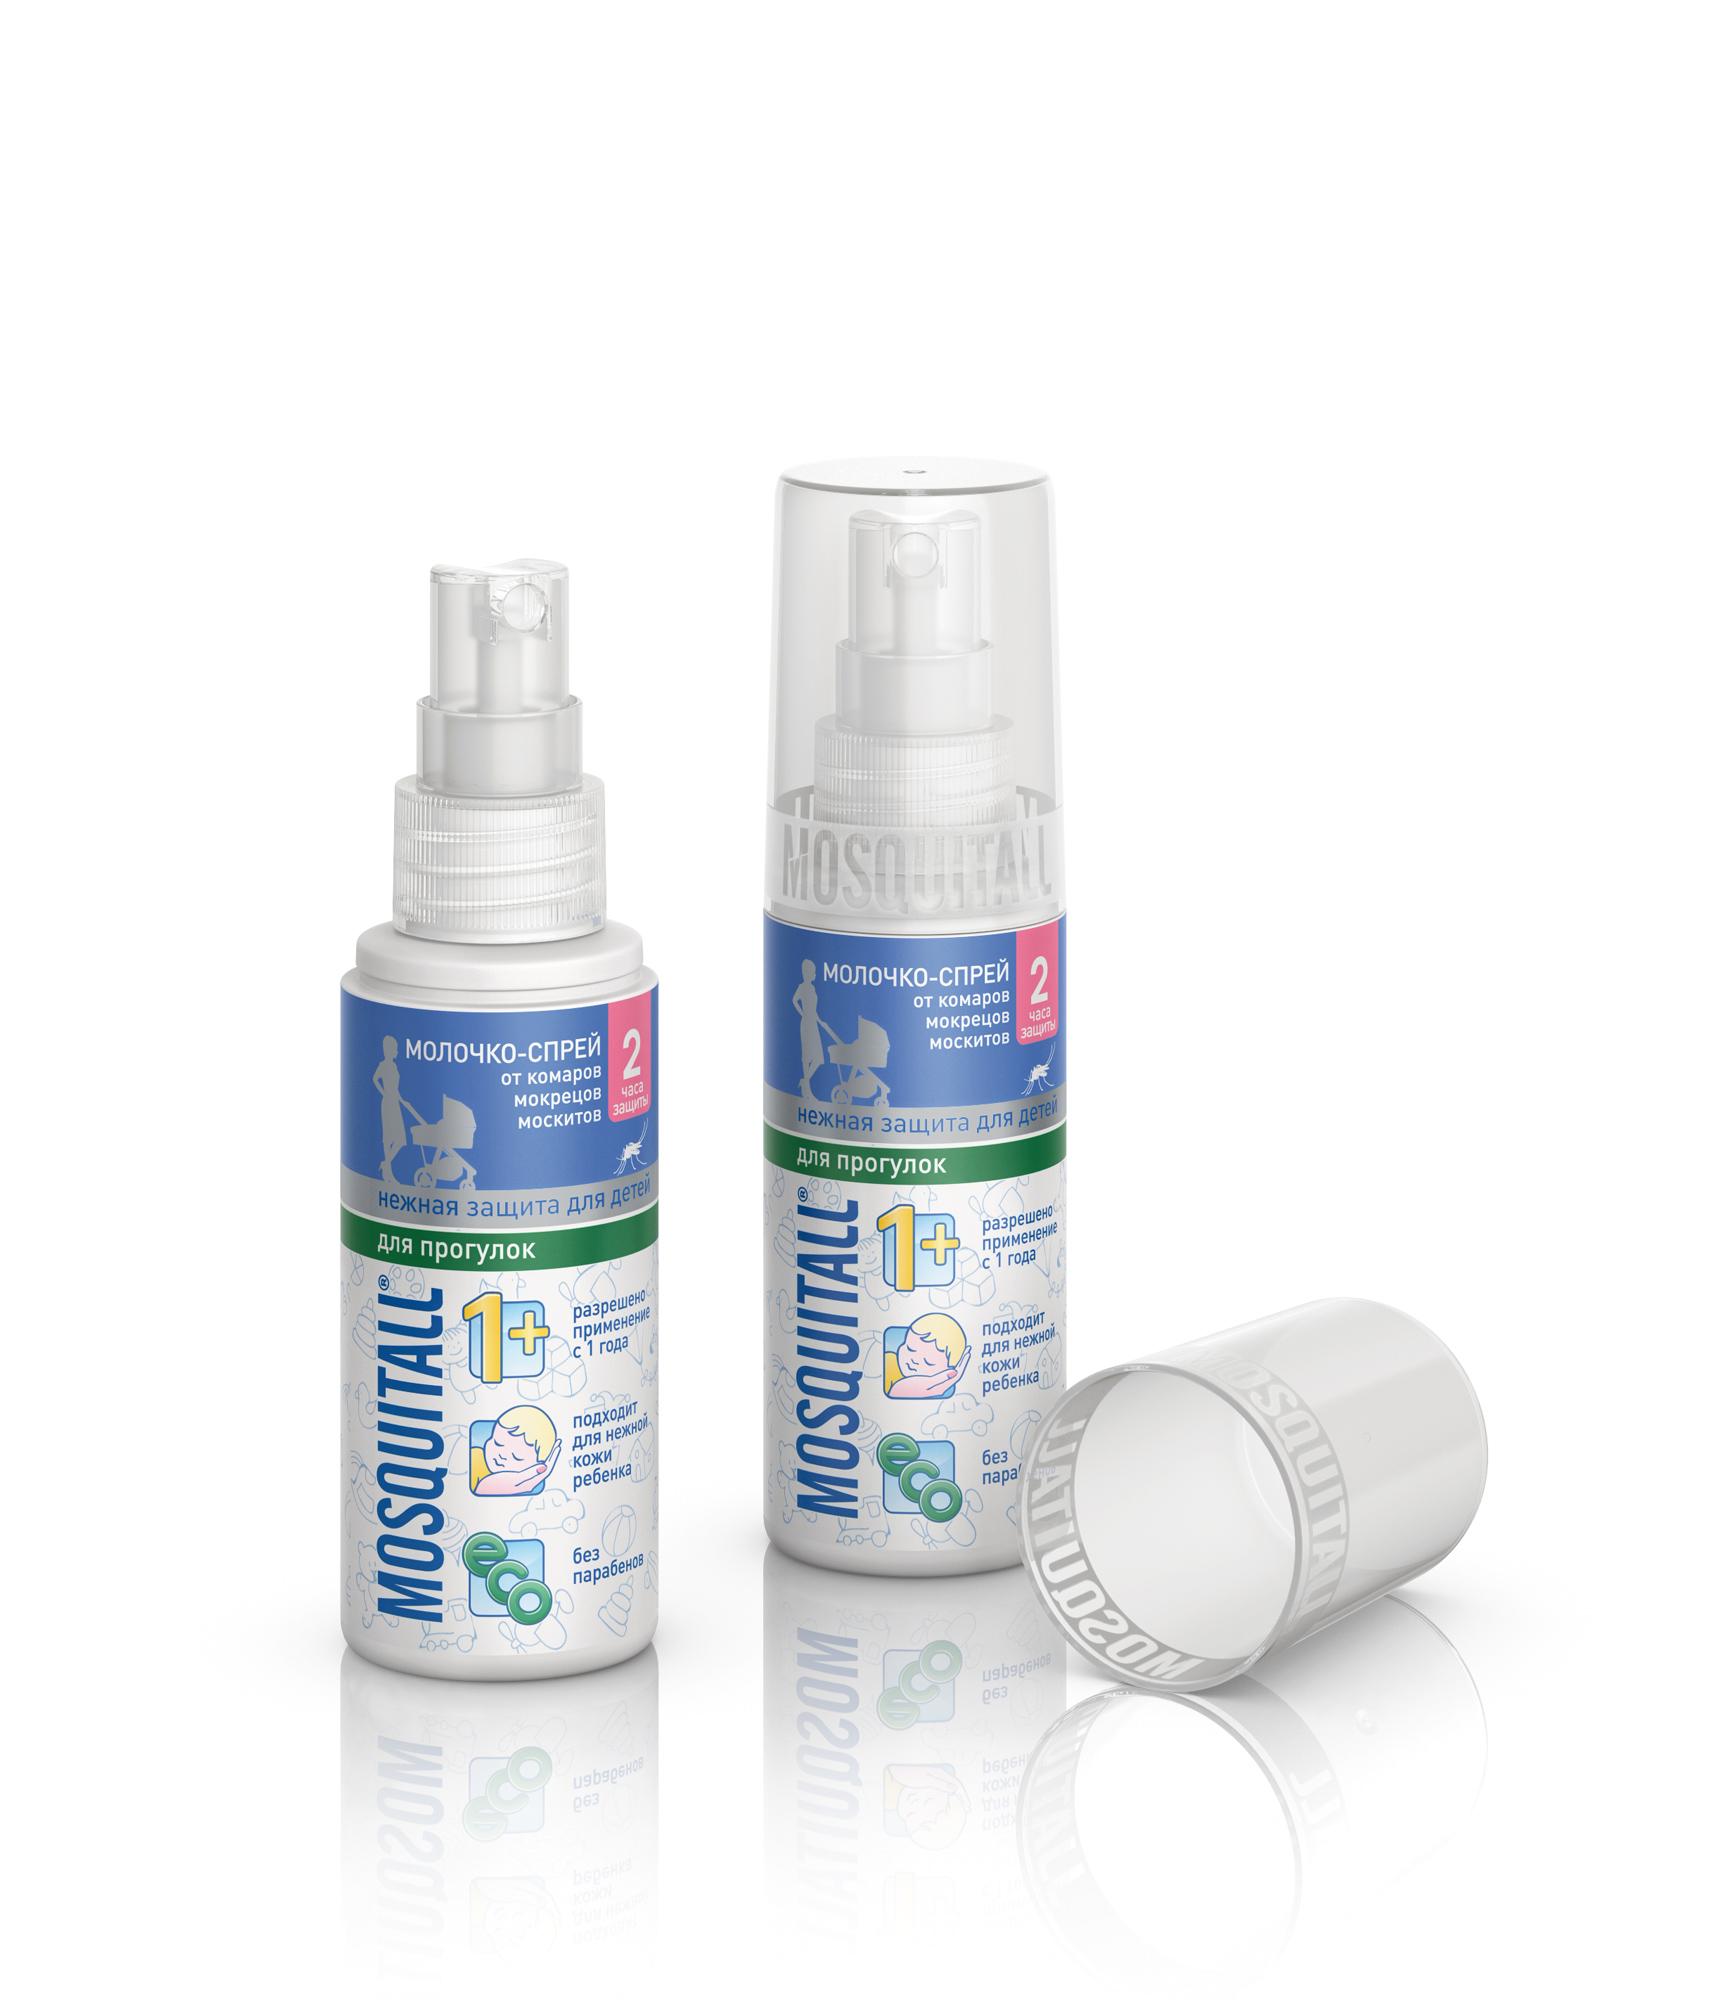 Молочко-спрей от комаров Mosquitall Нежная защита 50 мл от комаров защита